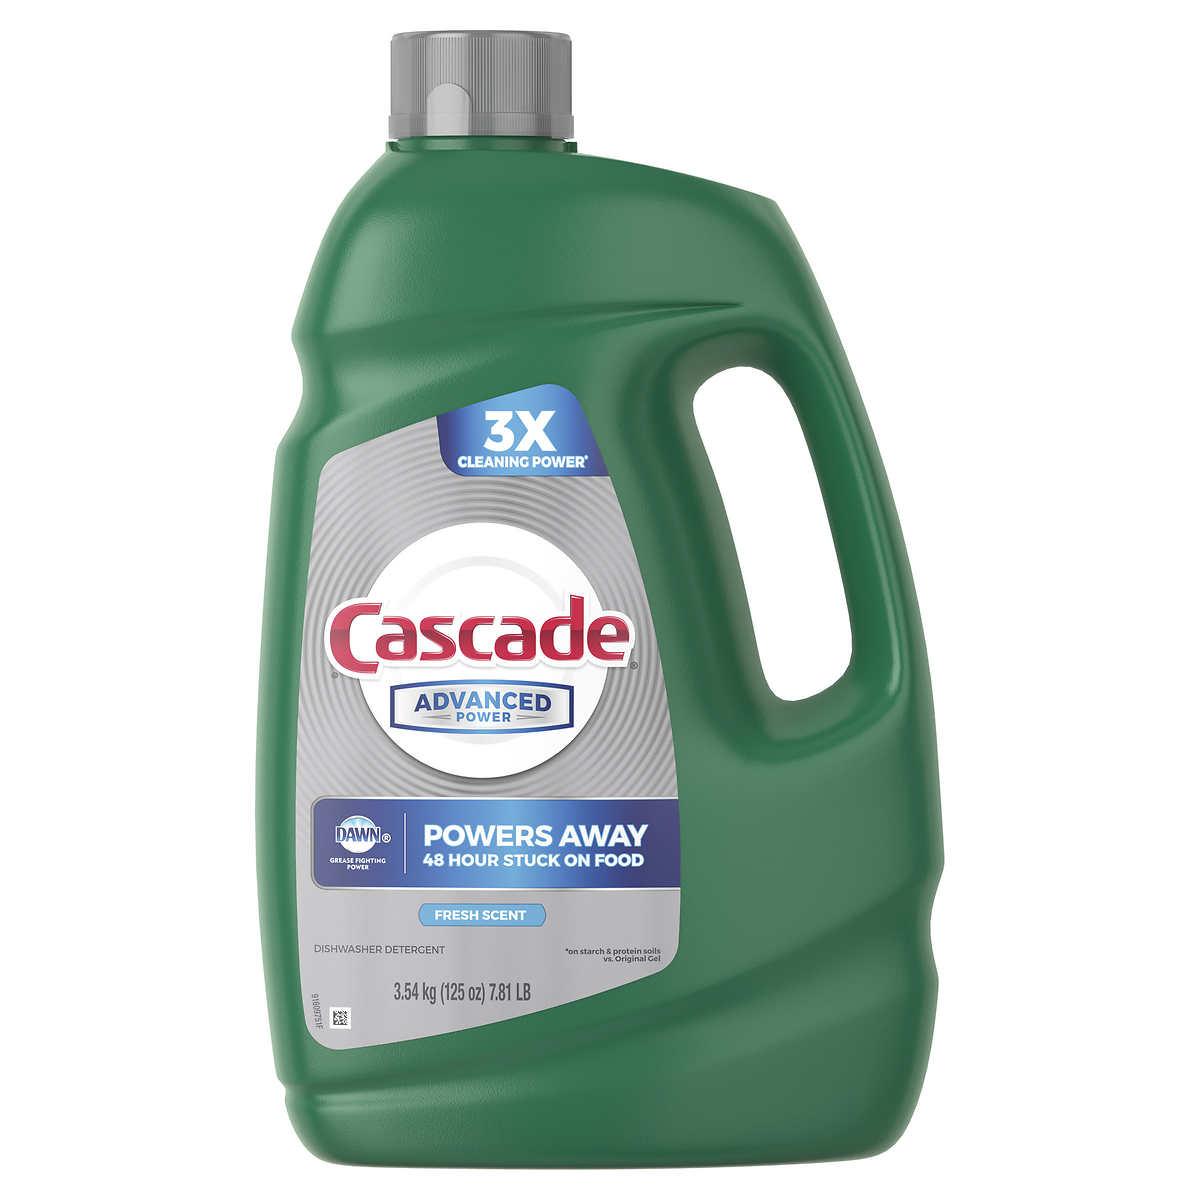 Cascade Advanced Power Liquid Dishwasher Detergent, Fresh Scent, 125 fl oz